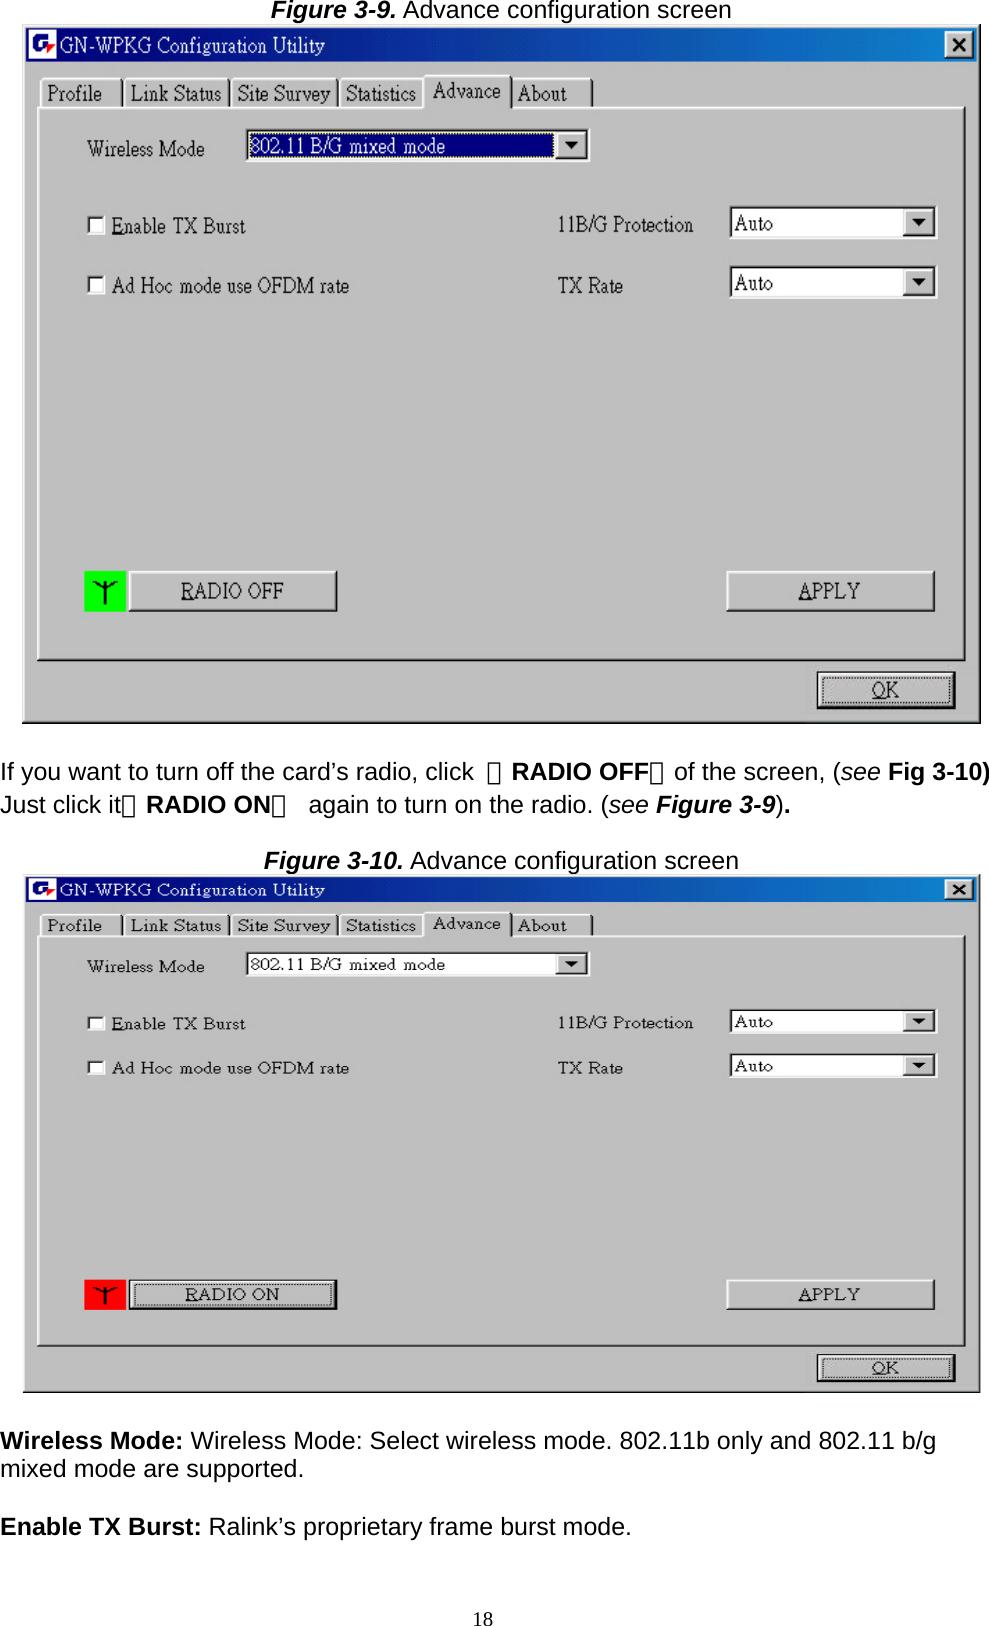 GIGABYTE WPKG PCI DRIVER FOR WINDOWS 8